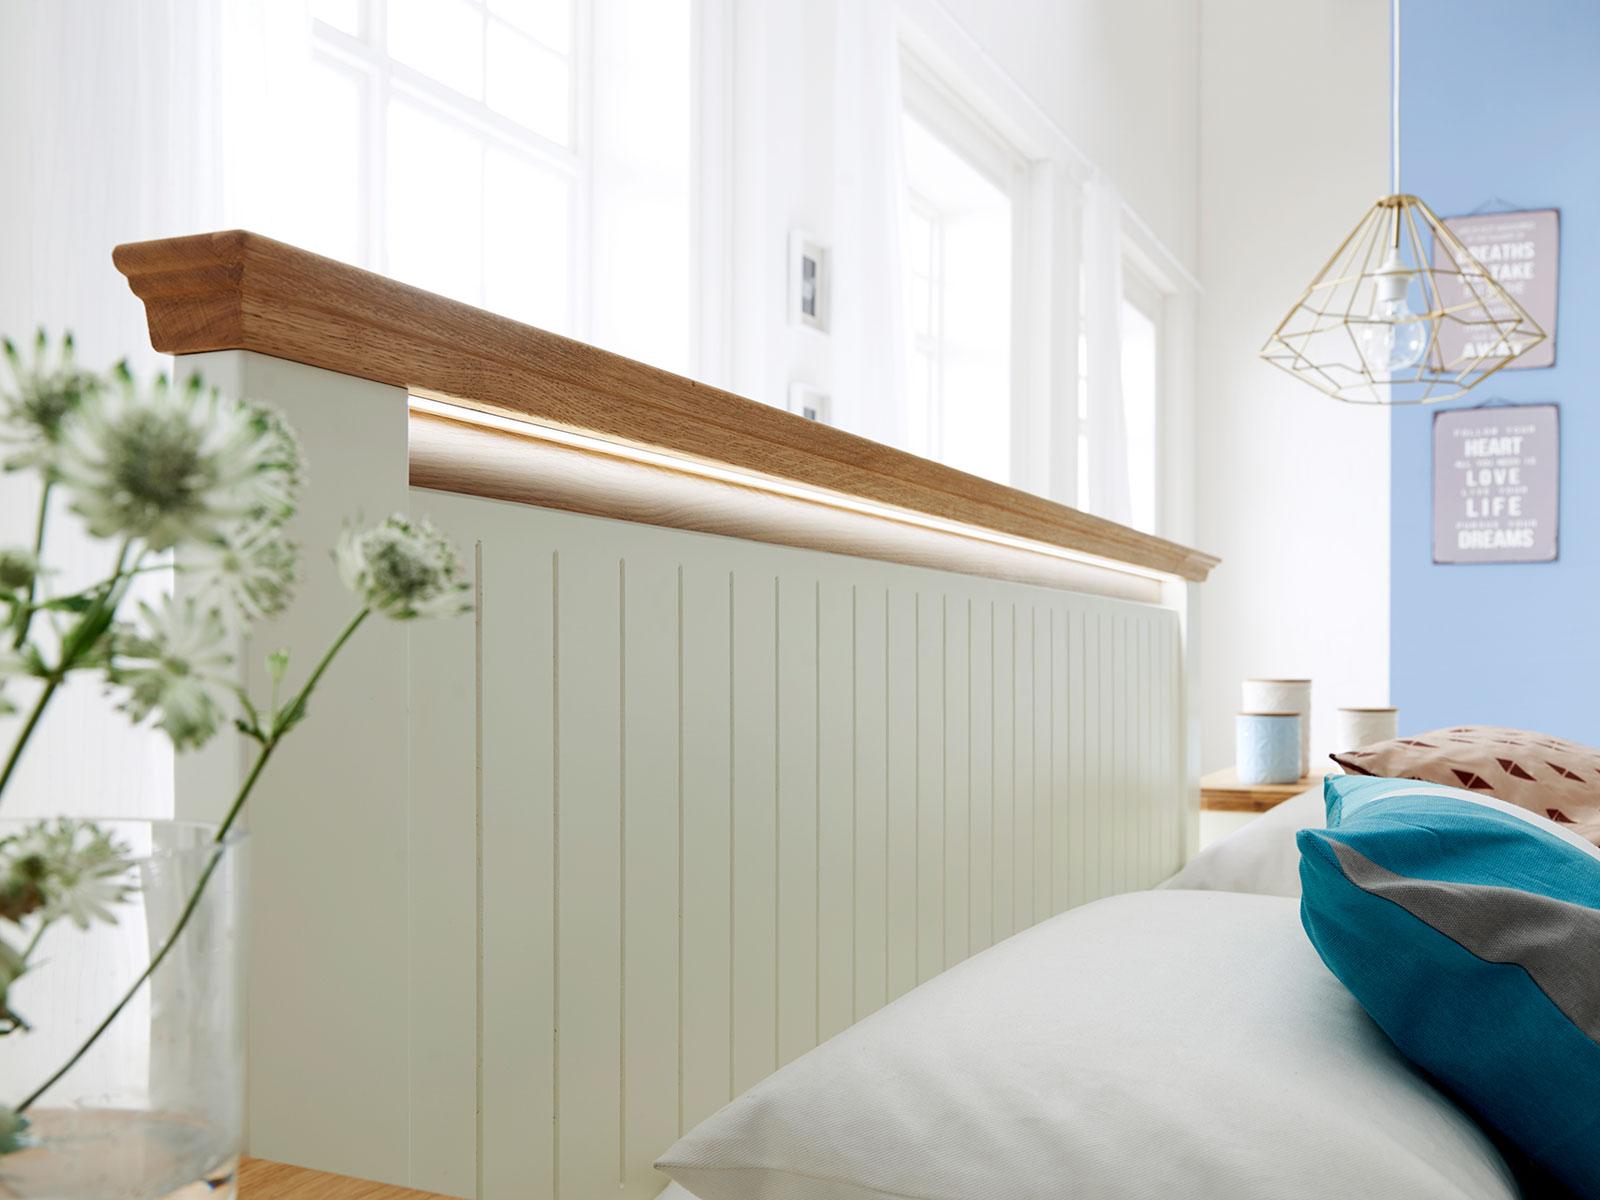 LED Effekt-Ambientebeleuchtung für Kopfteil Bett Dreams